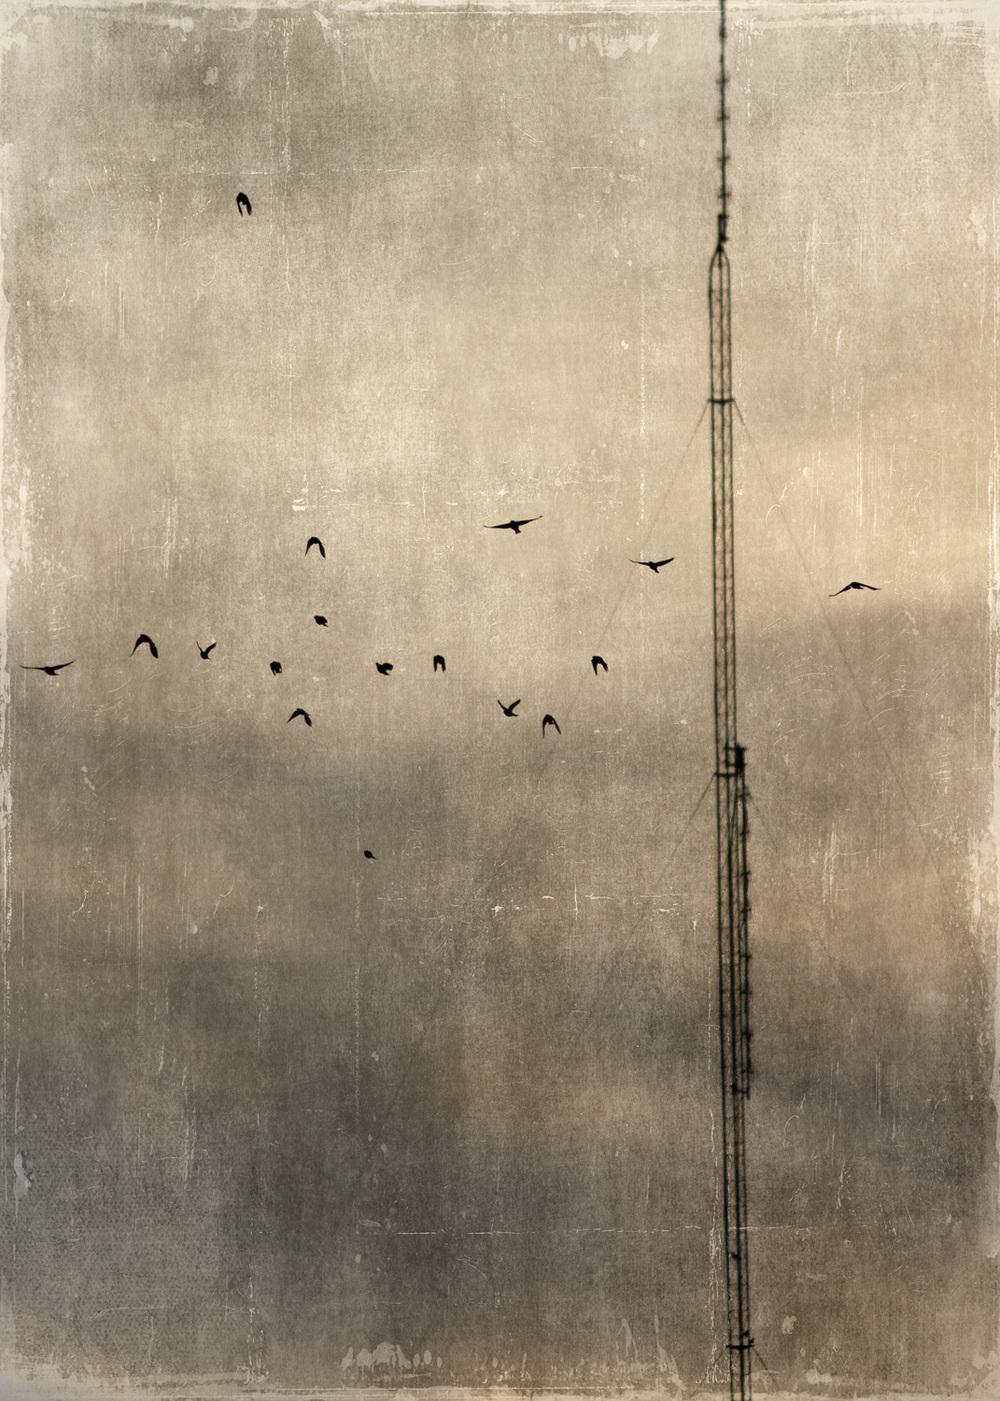 birds_at_dusk_07-7x5-7133.jpg